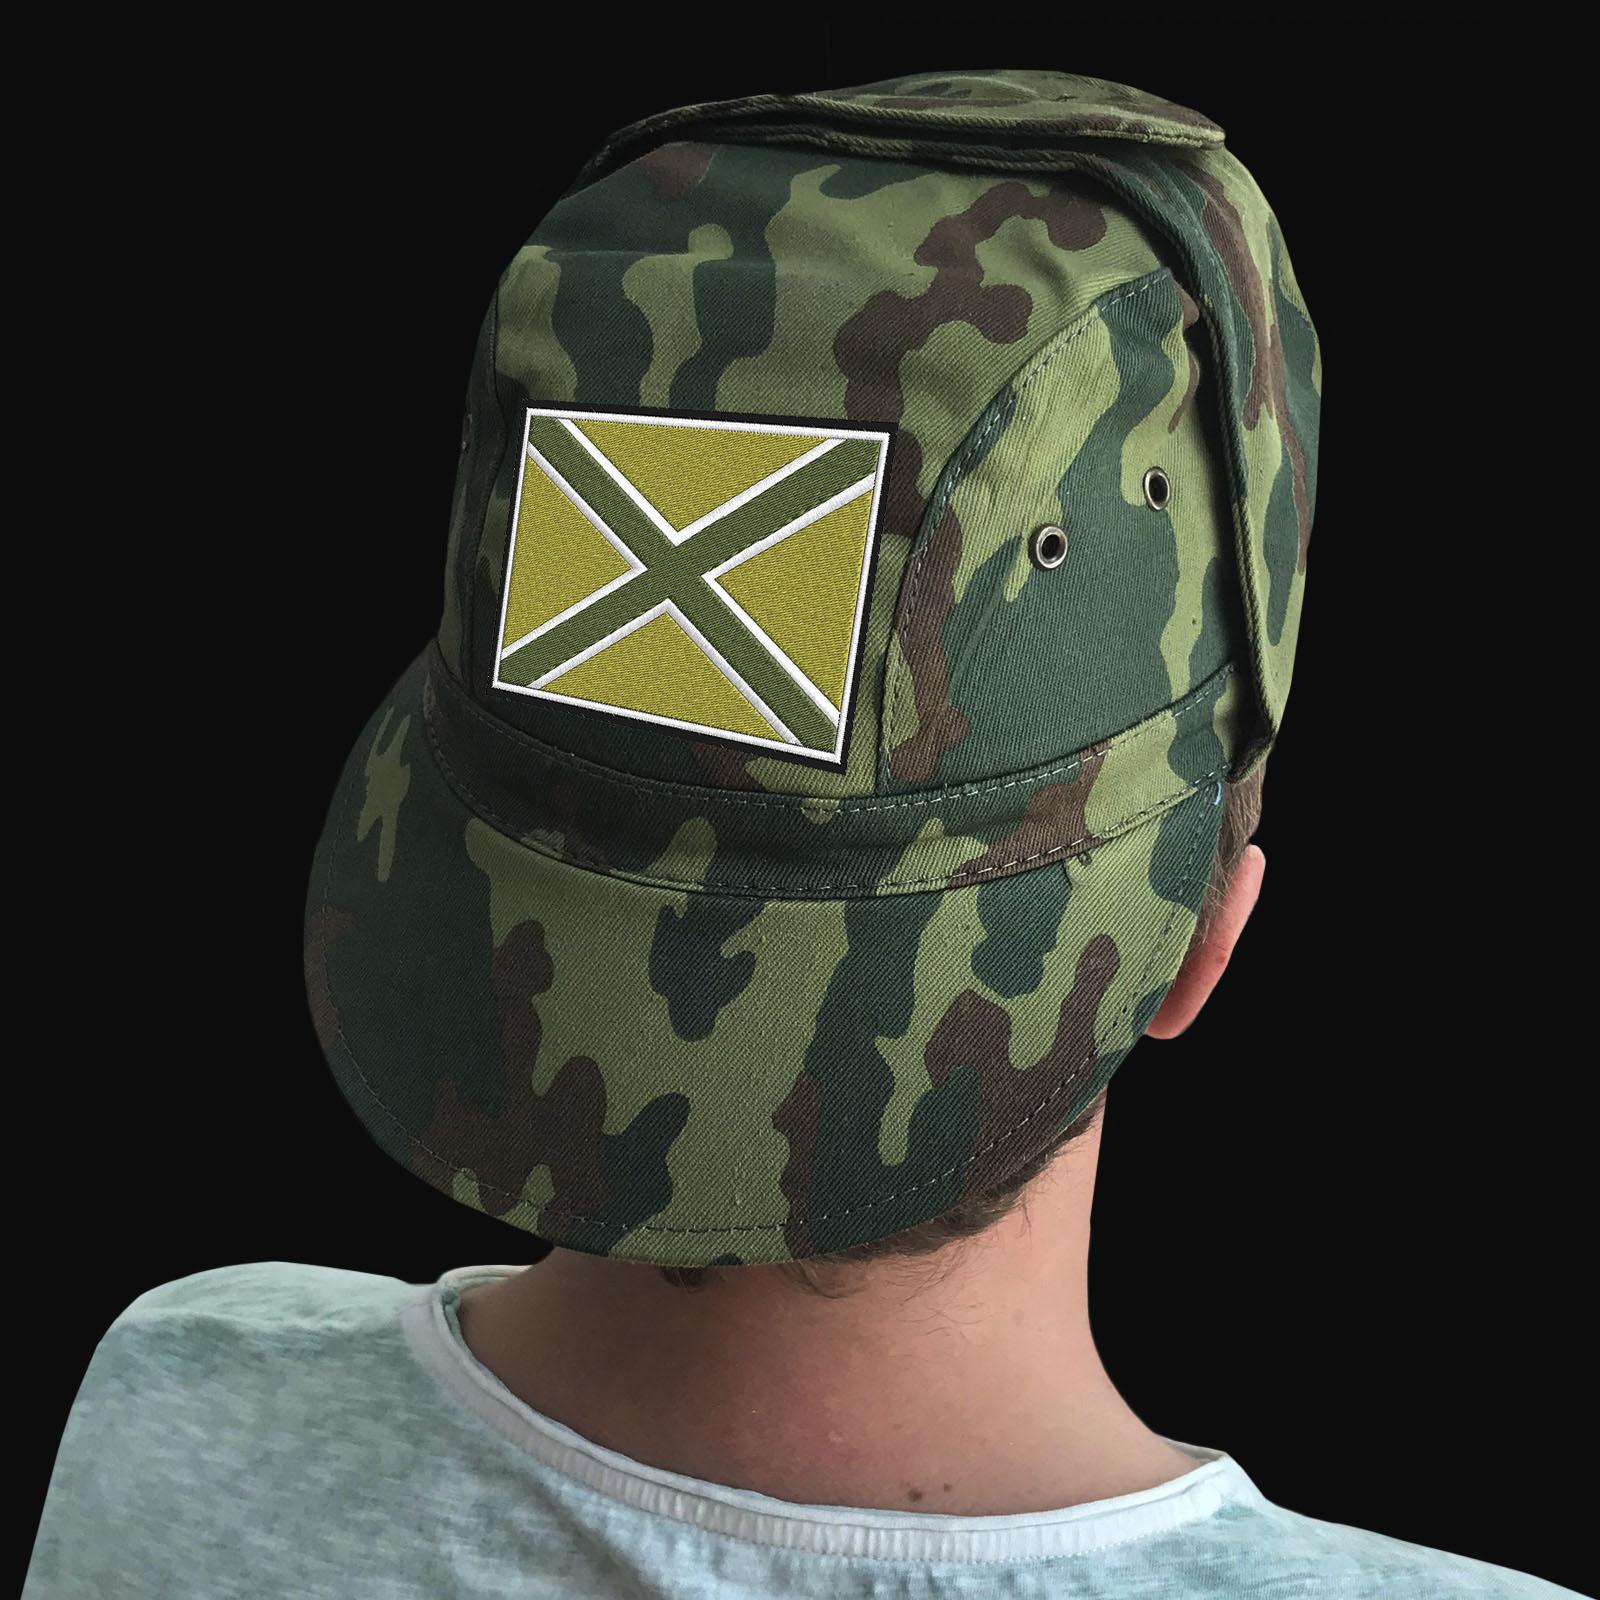 Купить в интернет магазине камуфляжную кепку с эмблемой Новороссии